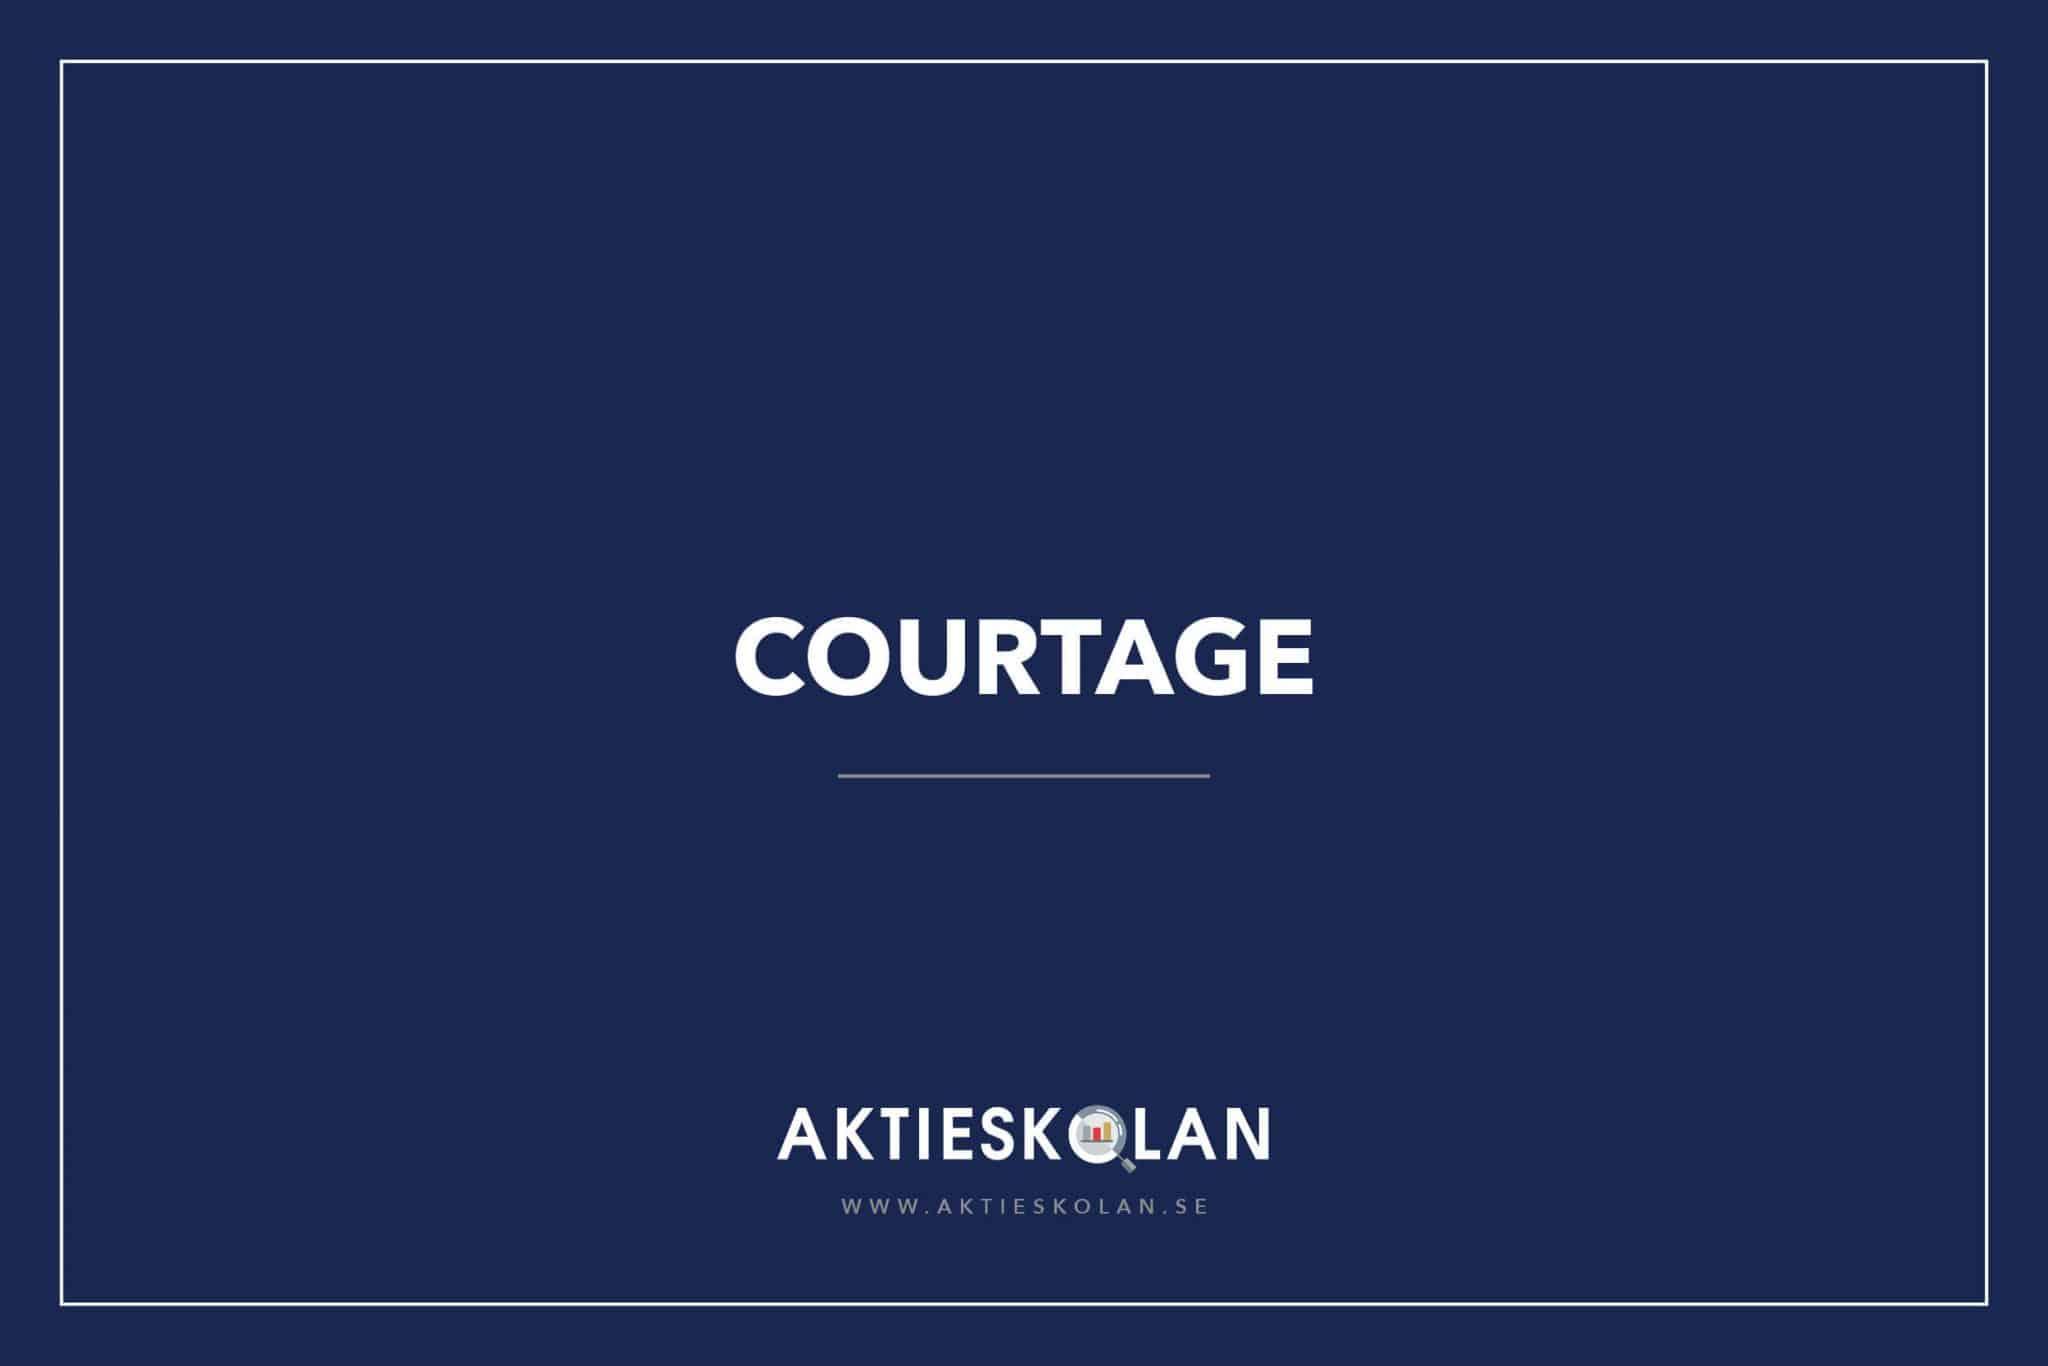 Courtage-Aktieskolan